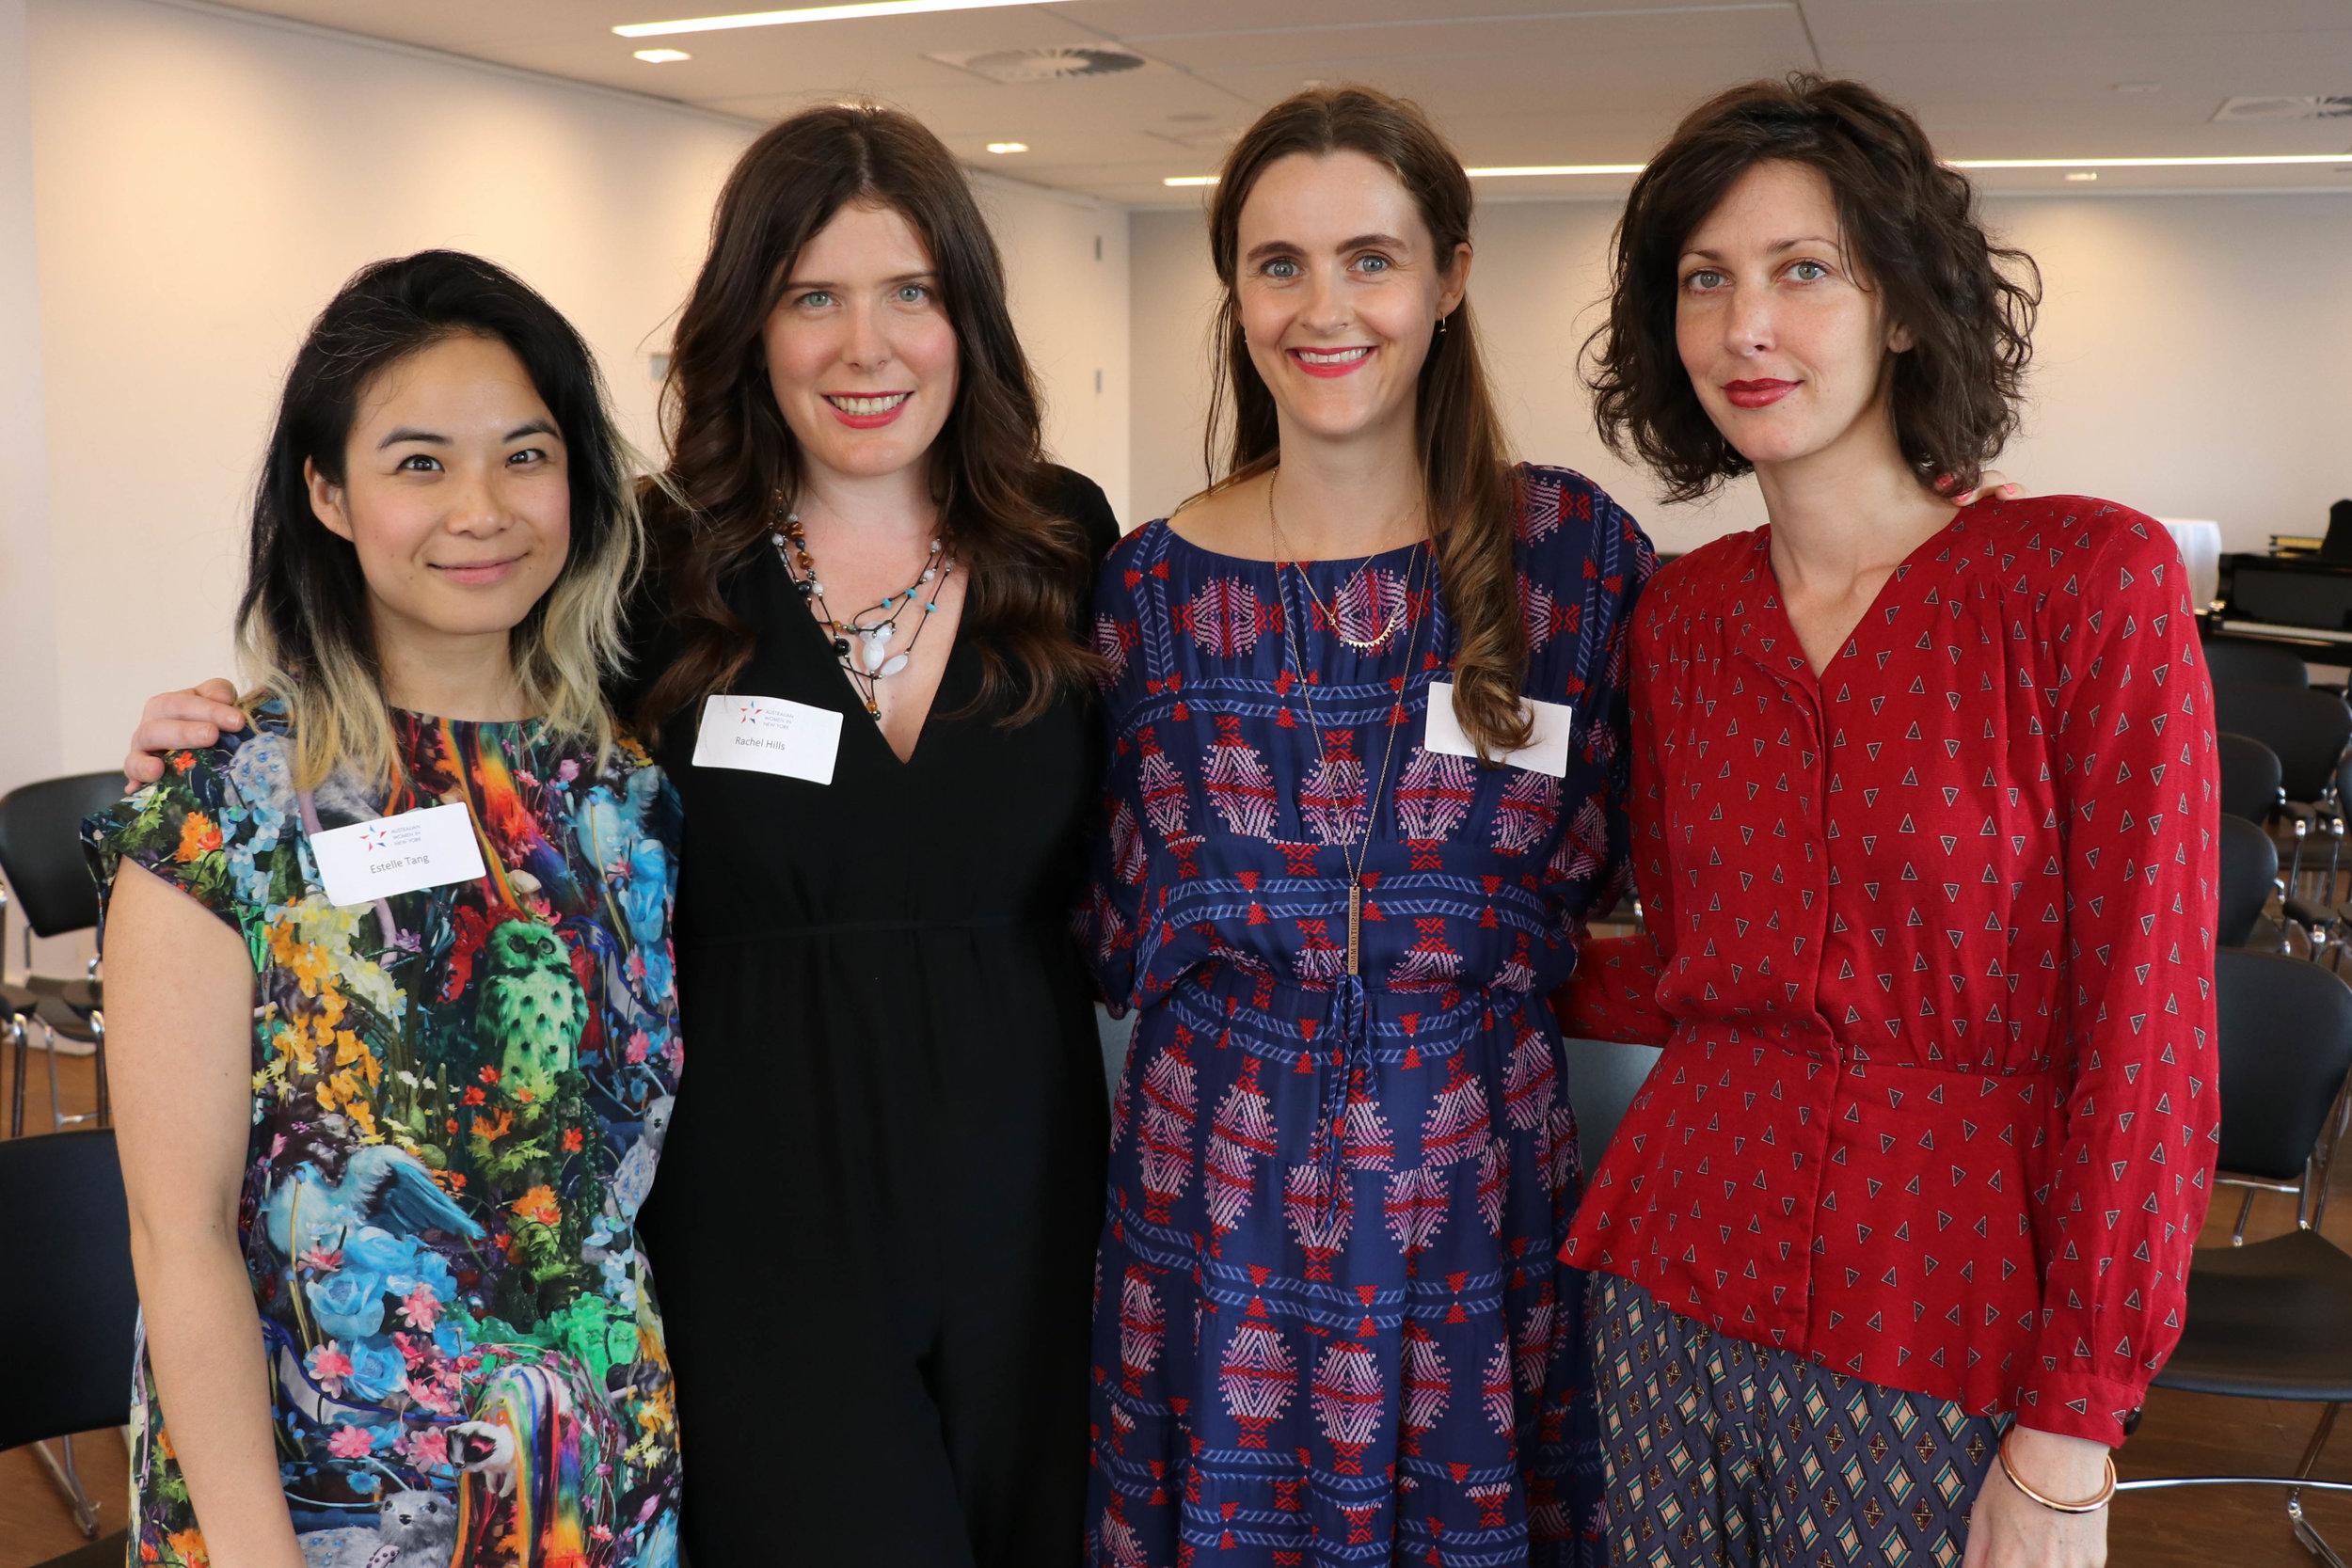 Australian Women in NY event // NYC